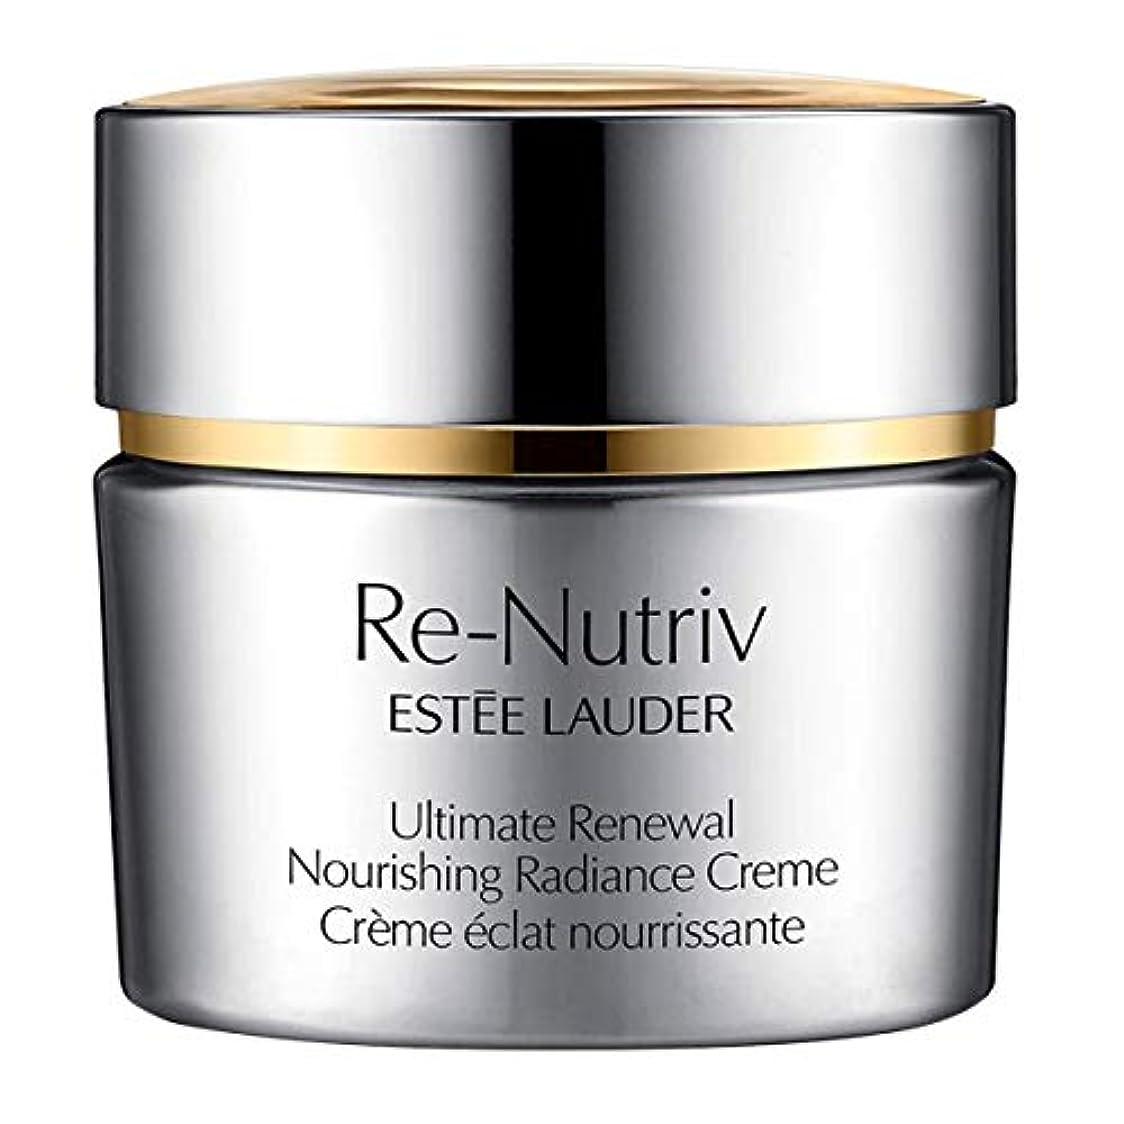 ラバ写真撮影バタフライエスティローダー Re-Nutriv Ultimate Renewal Nourishing Radiance Creme 50ml/1.7oz並行輸入品